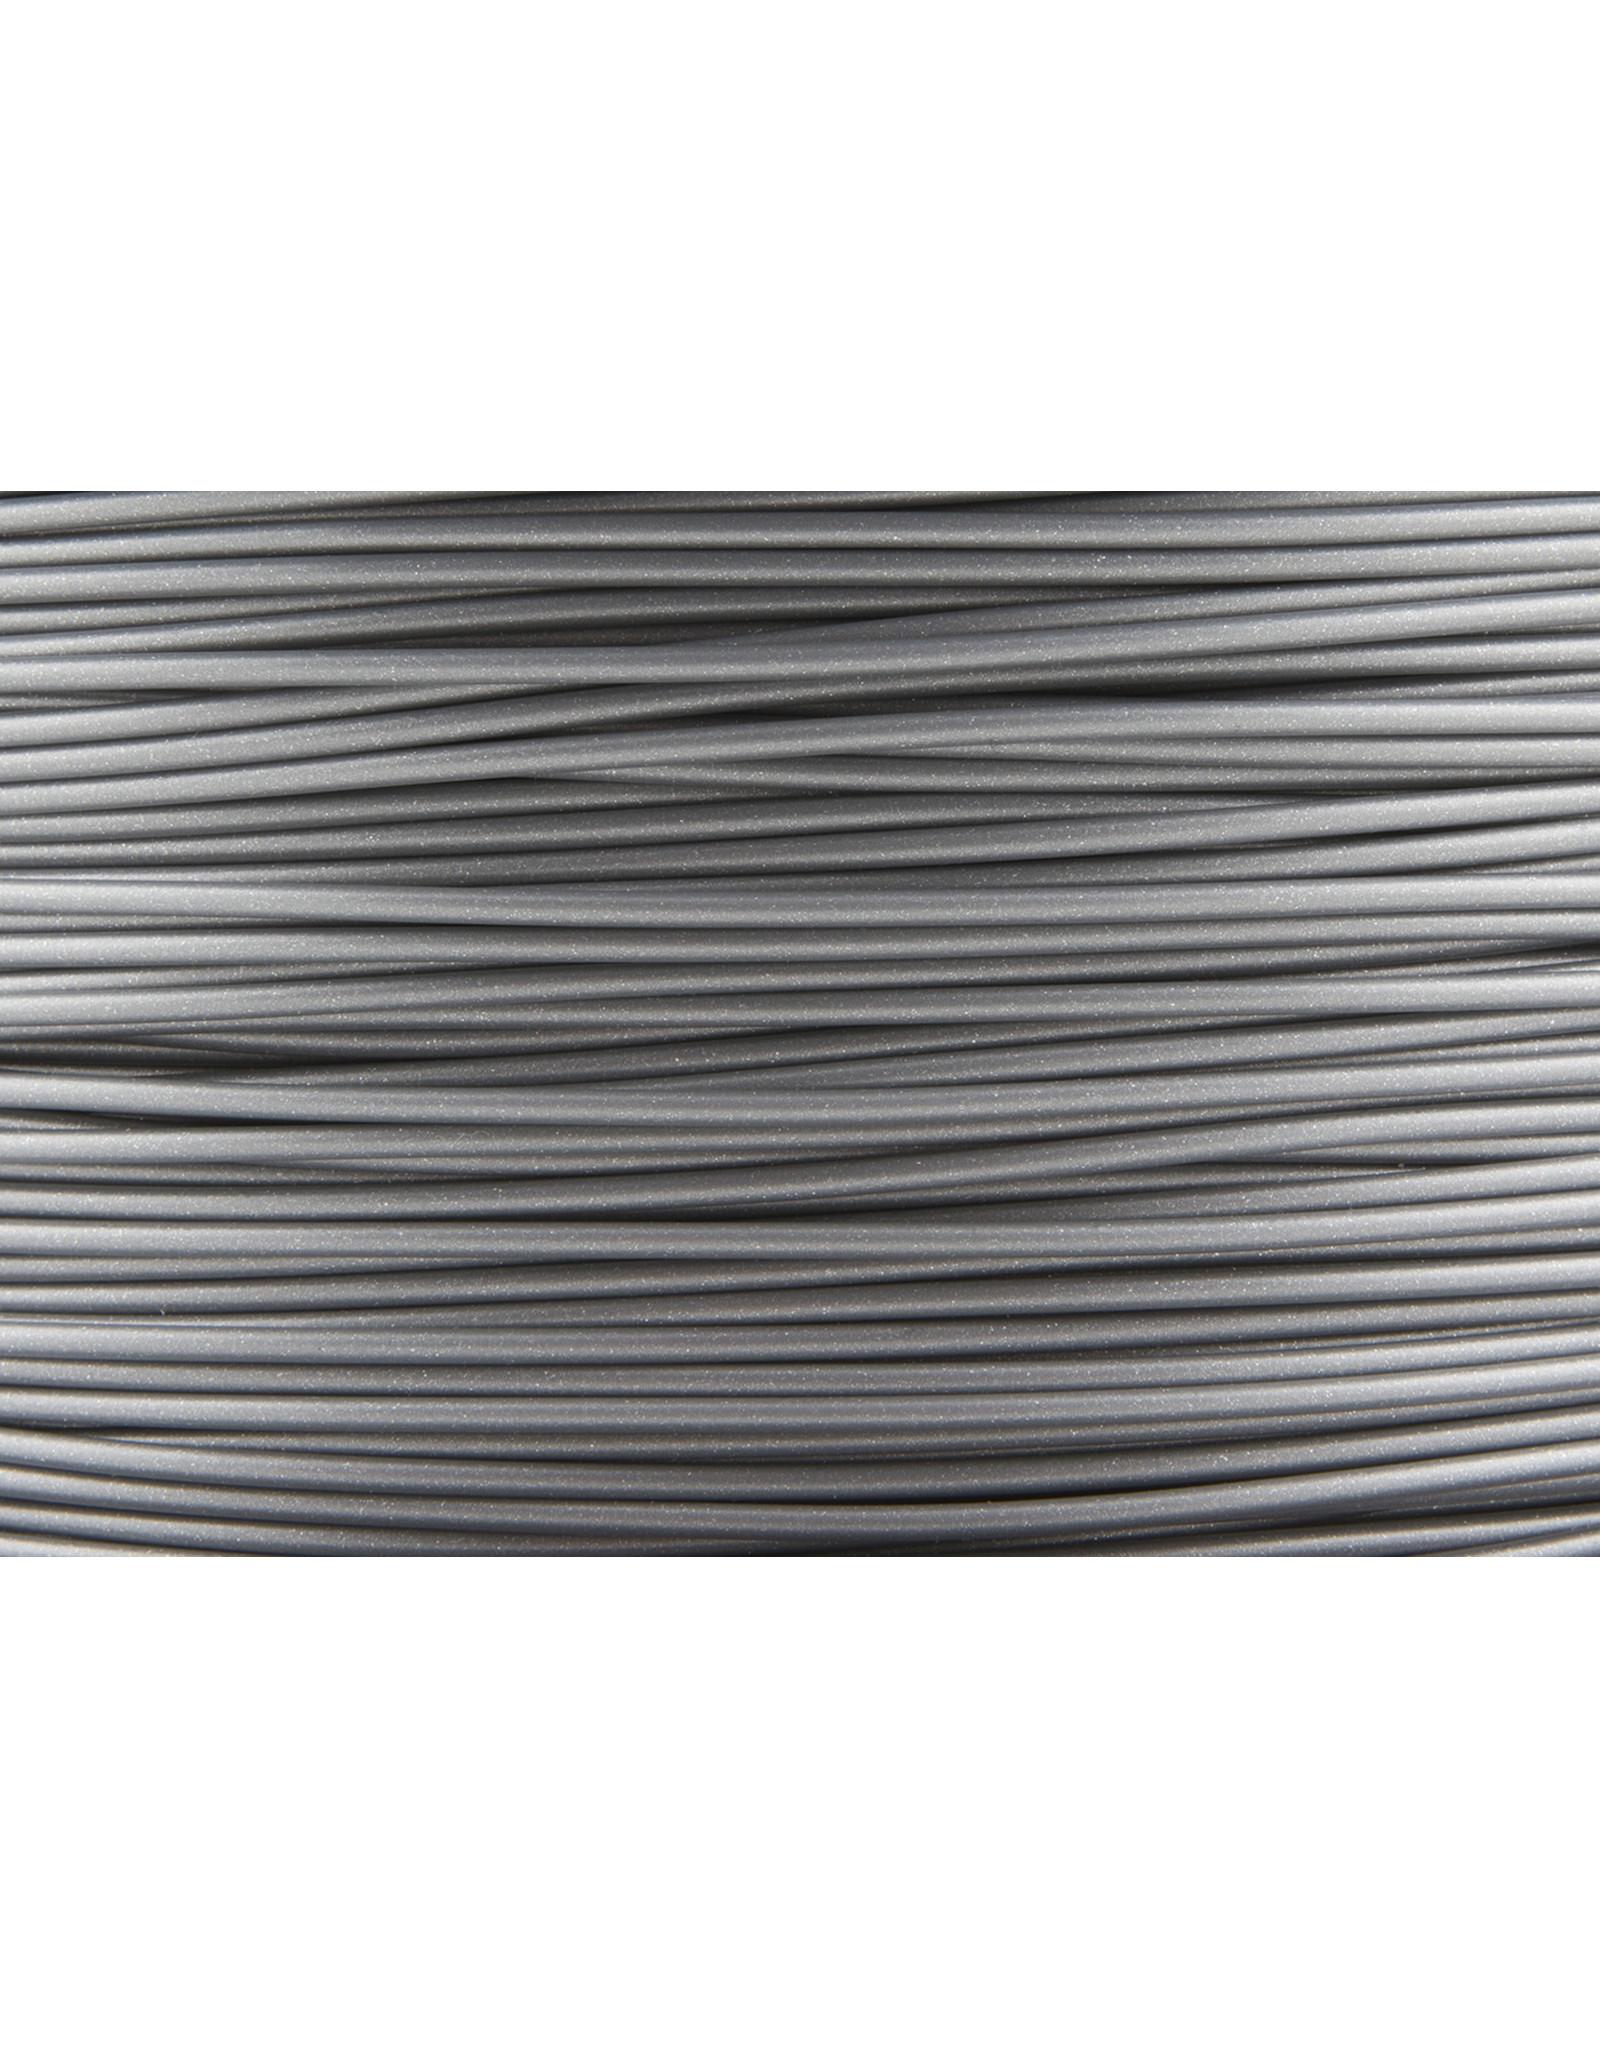 Prima PrimaValue PLA Filament 1.75mm 1 kg gris  claire